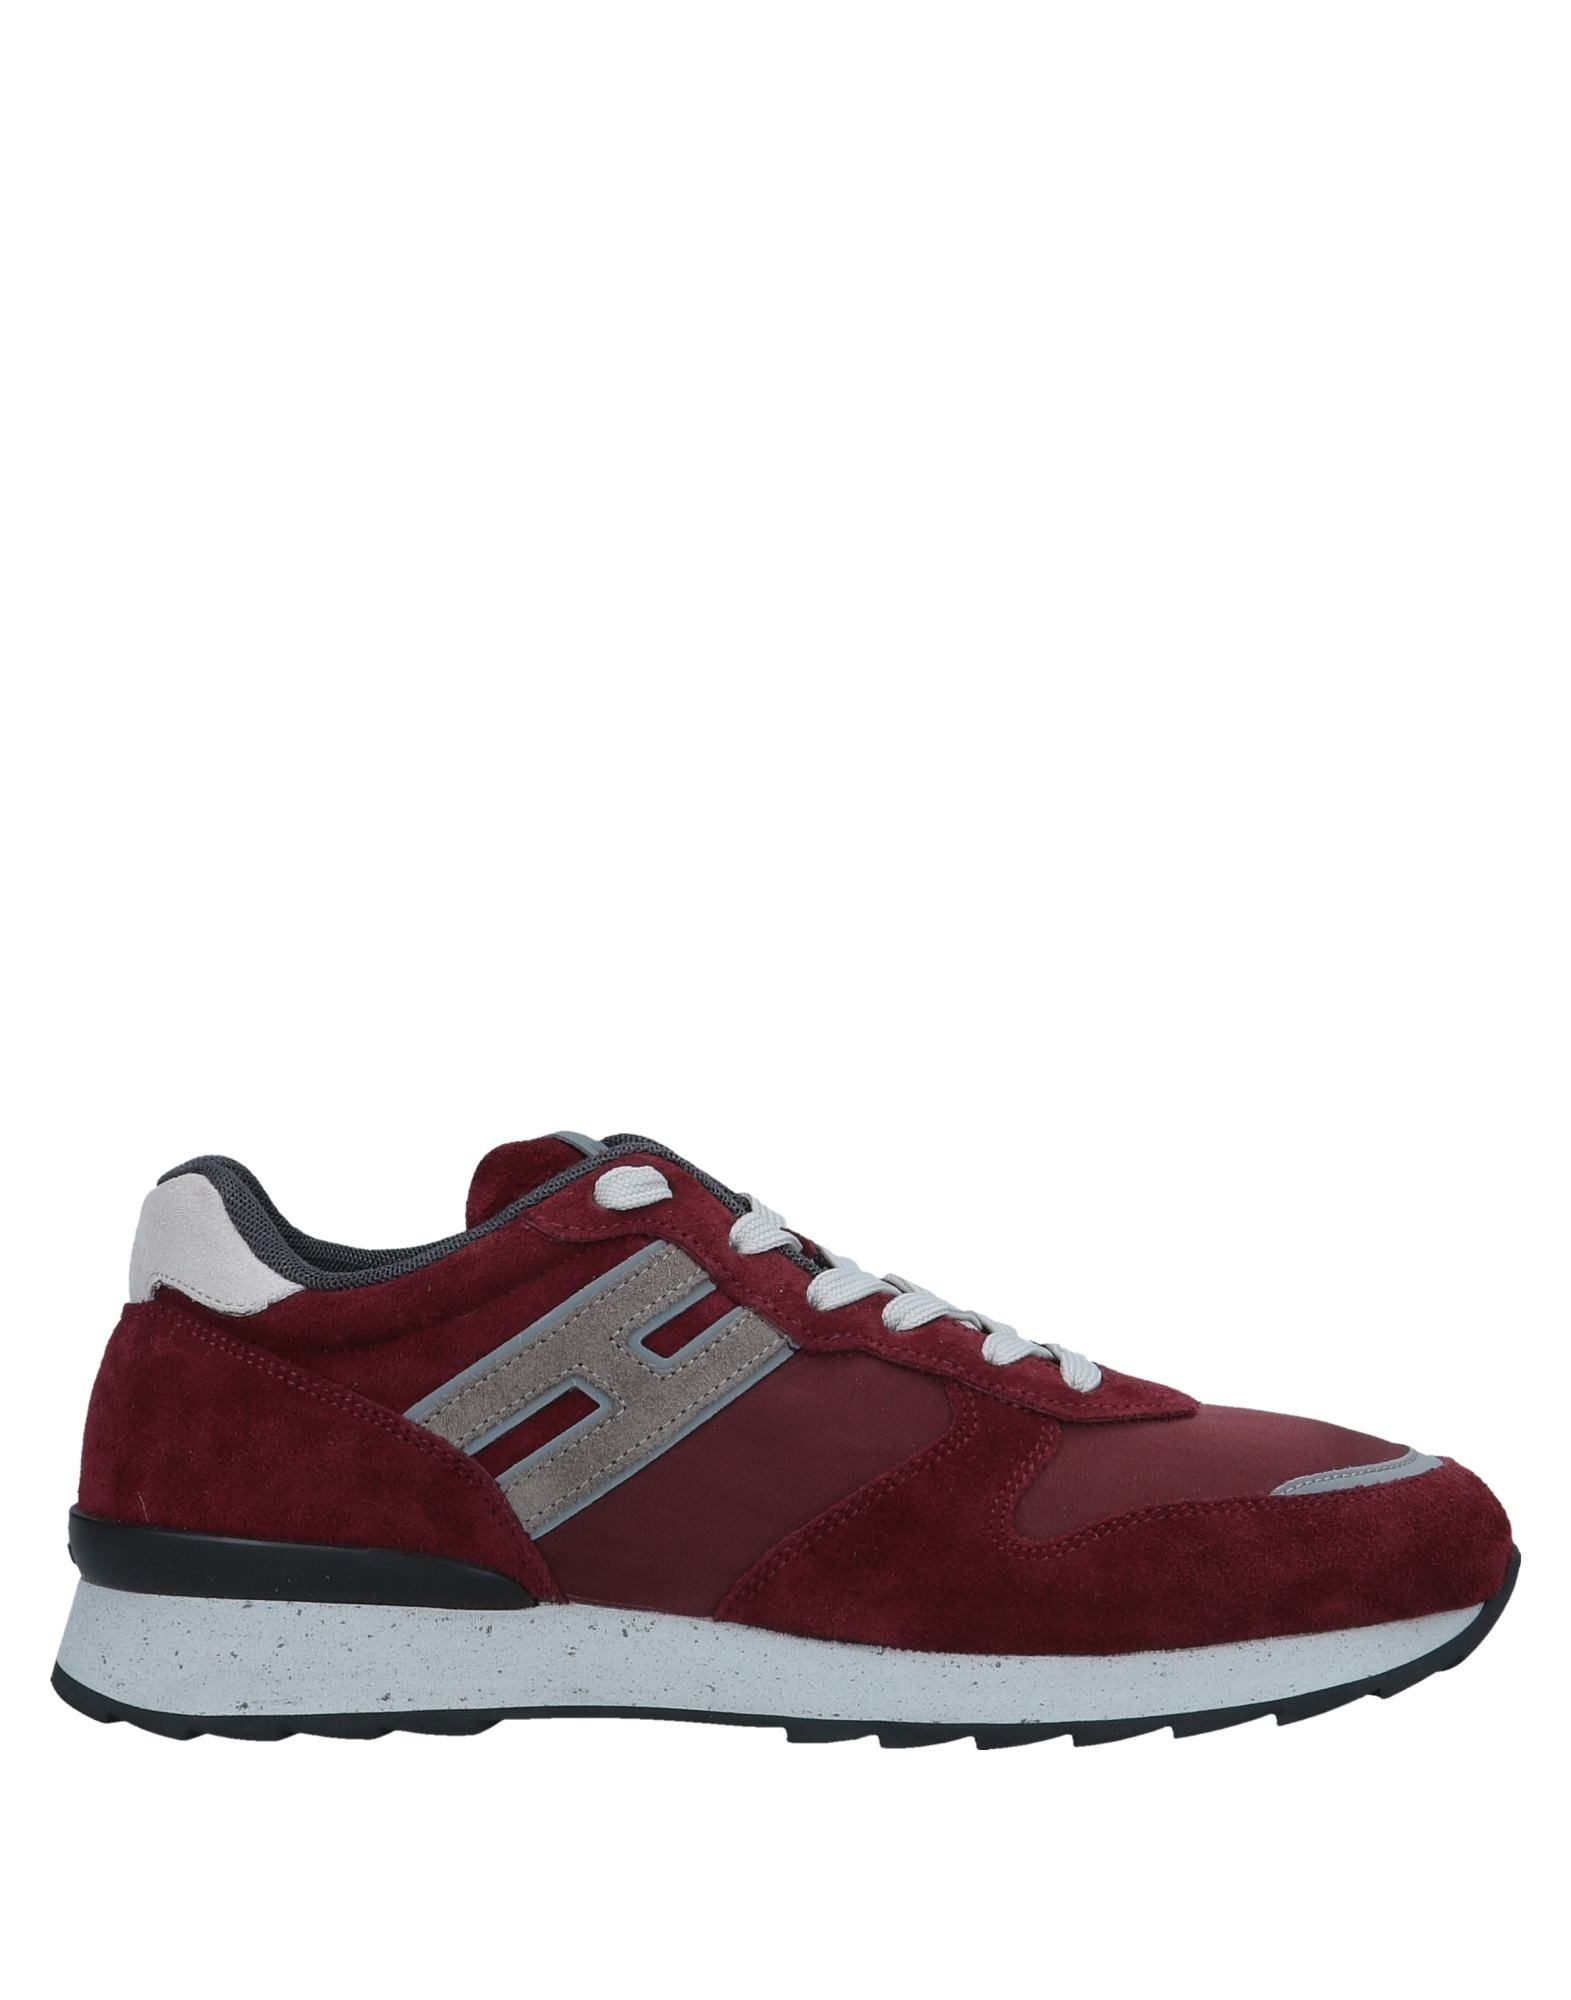 Hogan 11560717TK Sneakers Herren  11560717TK Hogan Gute Qualität beliebte Schuhe 7e9c0d